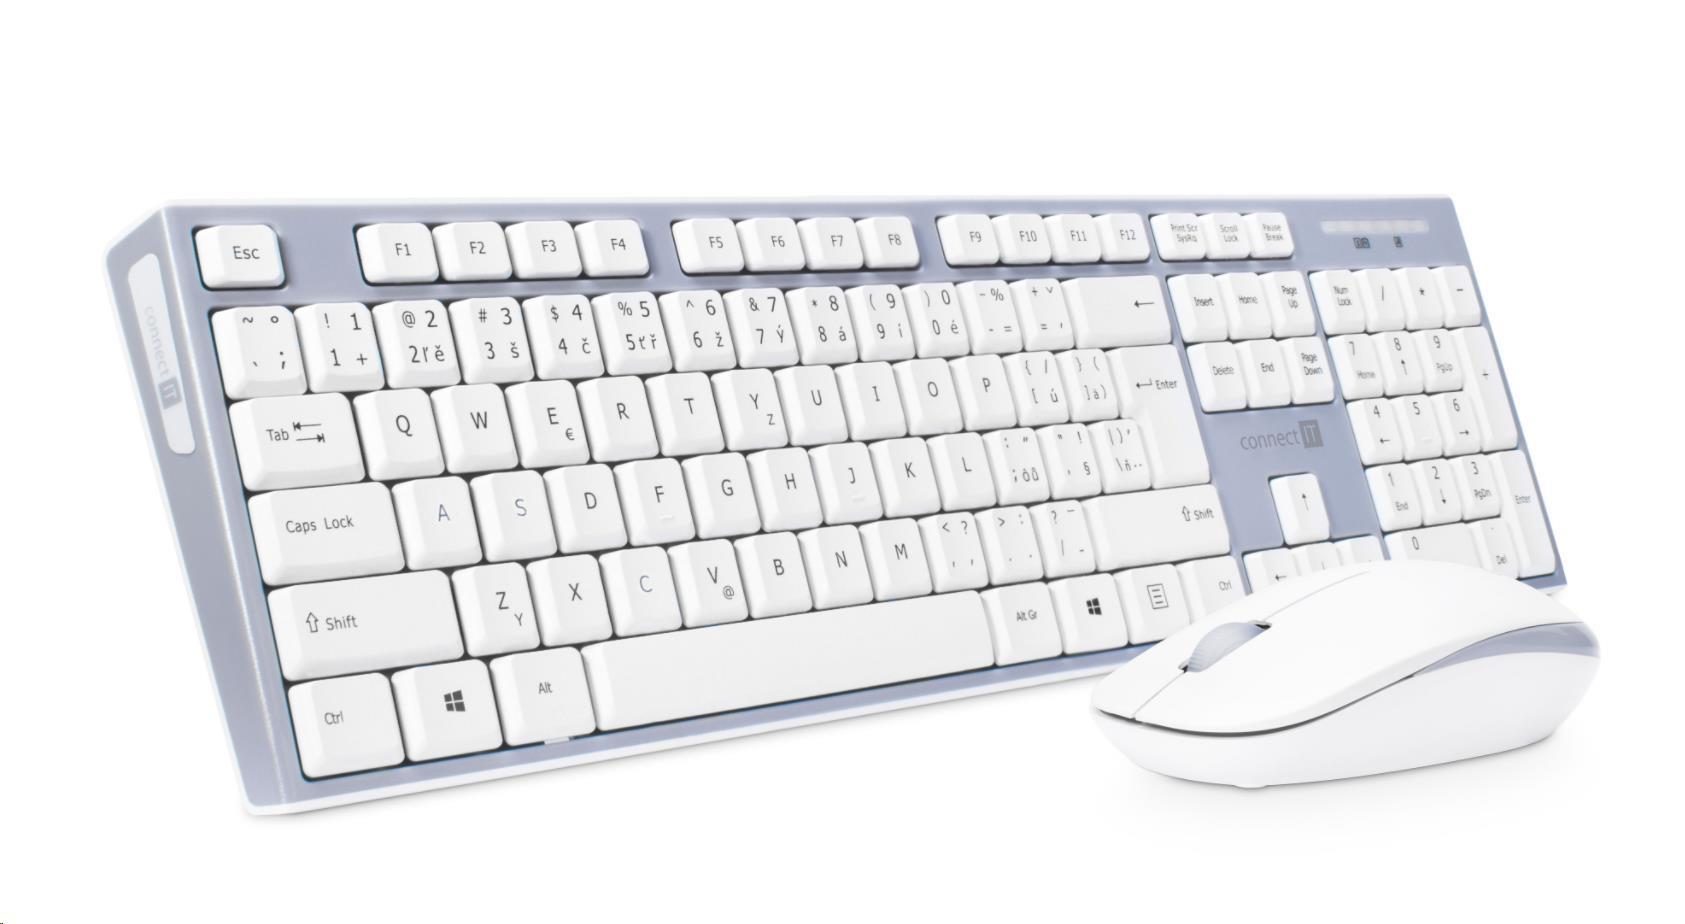 b2c140592 CONNECT IT Combo bezdrátová šedá klávesnice + myš, CZ + SK layout empty